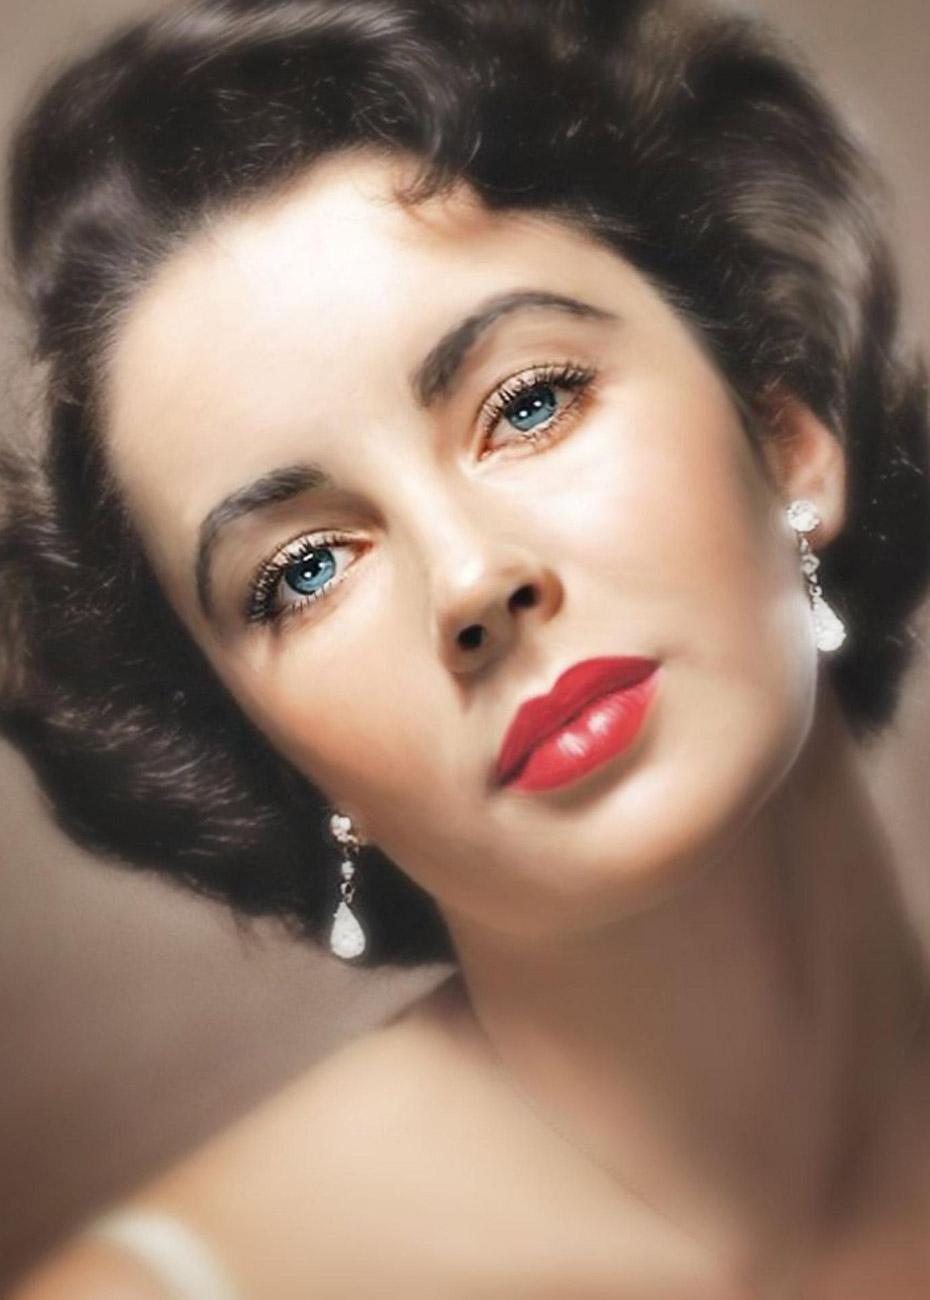 Elizabeth-Taylor-Blue-Eyes-1920  215 2560Elizabeth Taylor Eyes